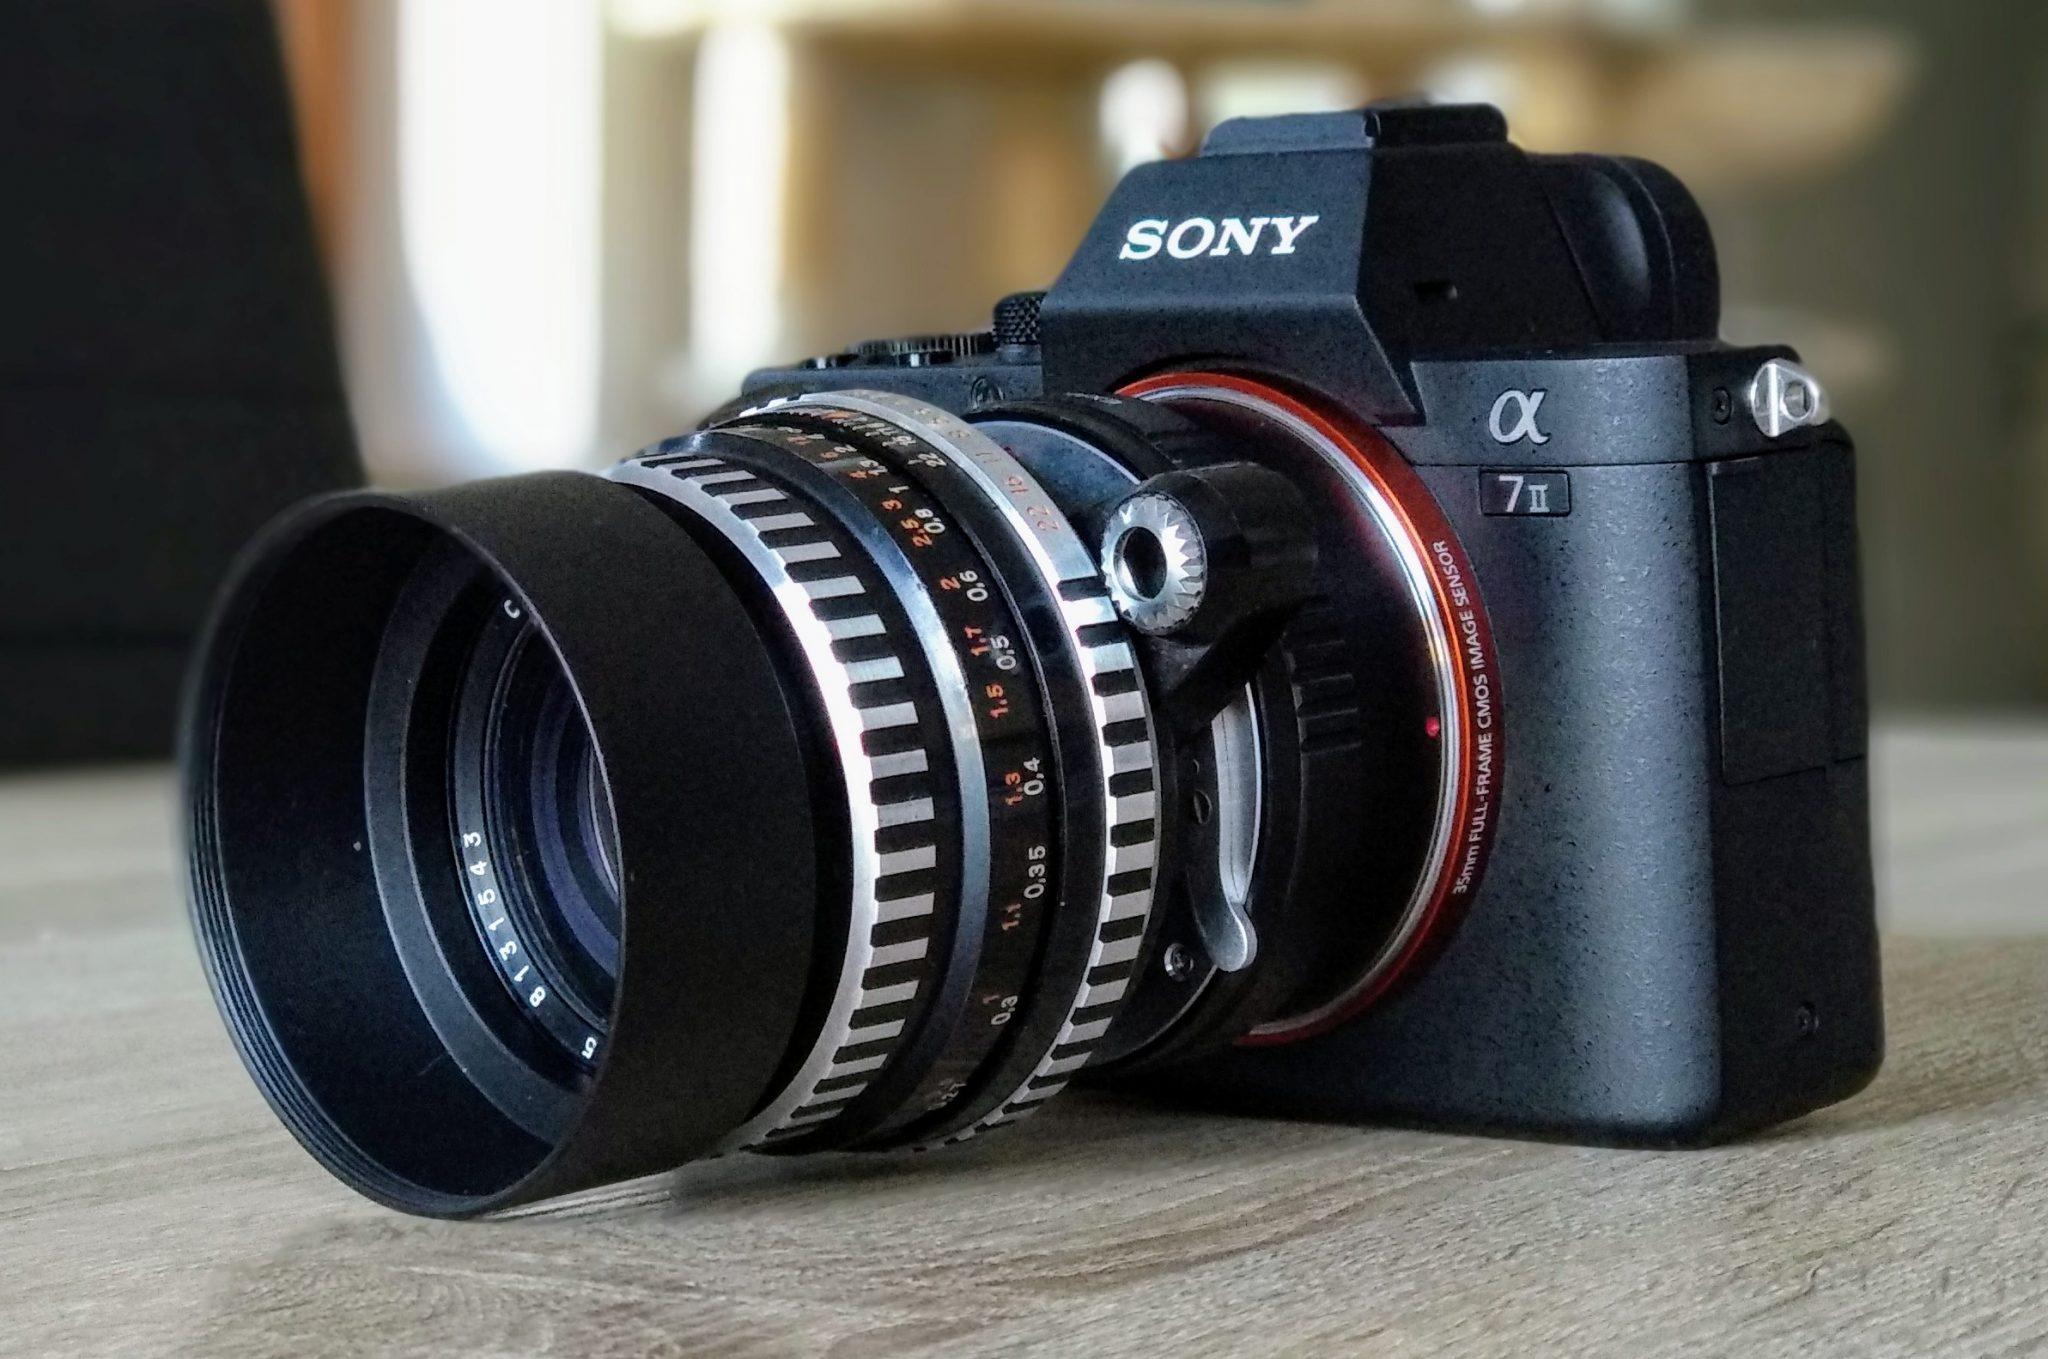 Objektivtest: Carl Zeiss Jena Flektogon 35mm 2.8 (EXA) an Sony A7II